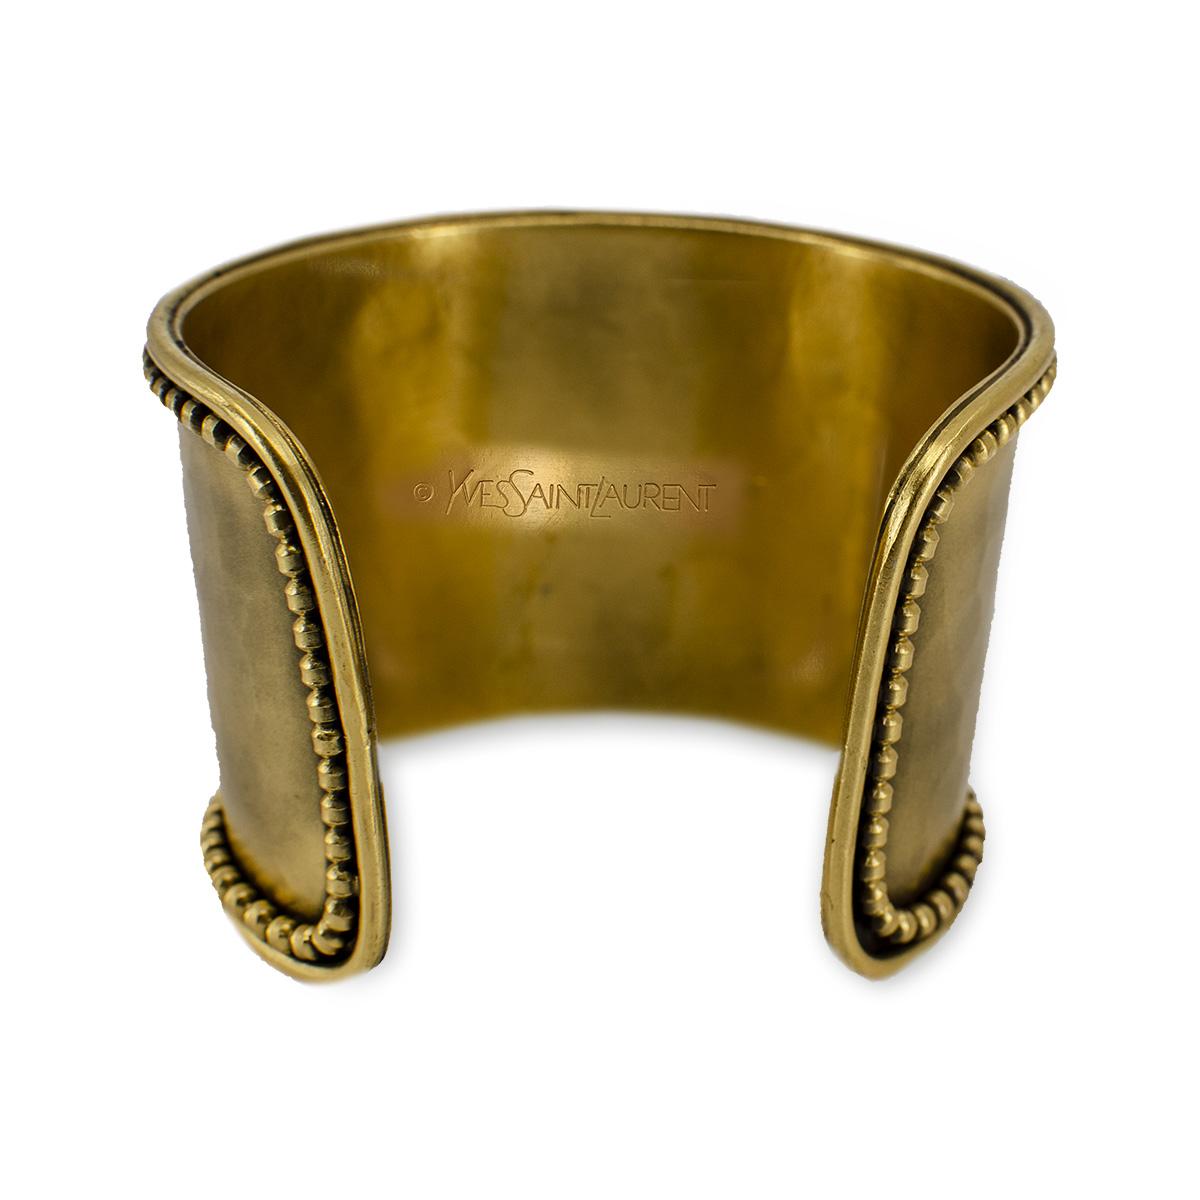 Yves Saint Laurent Jewelry